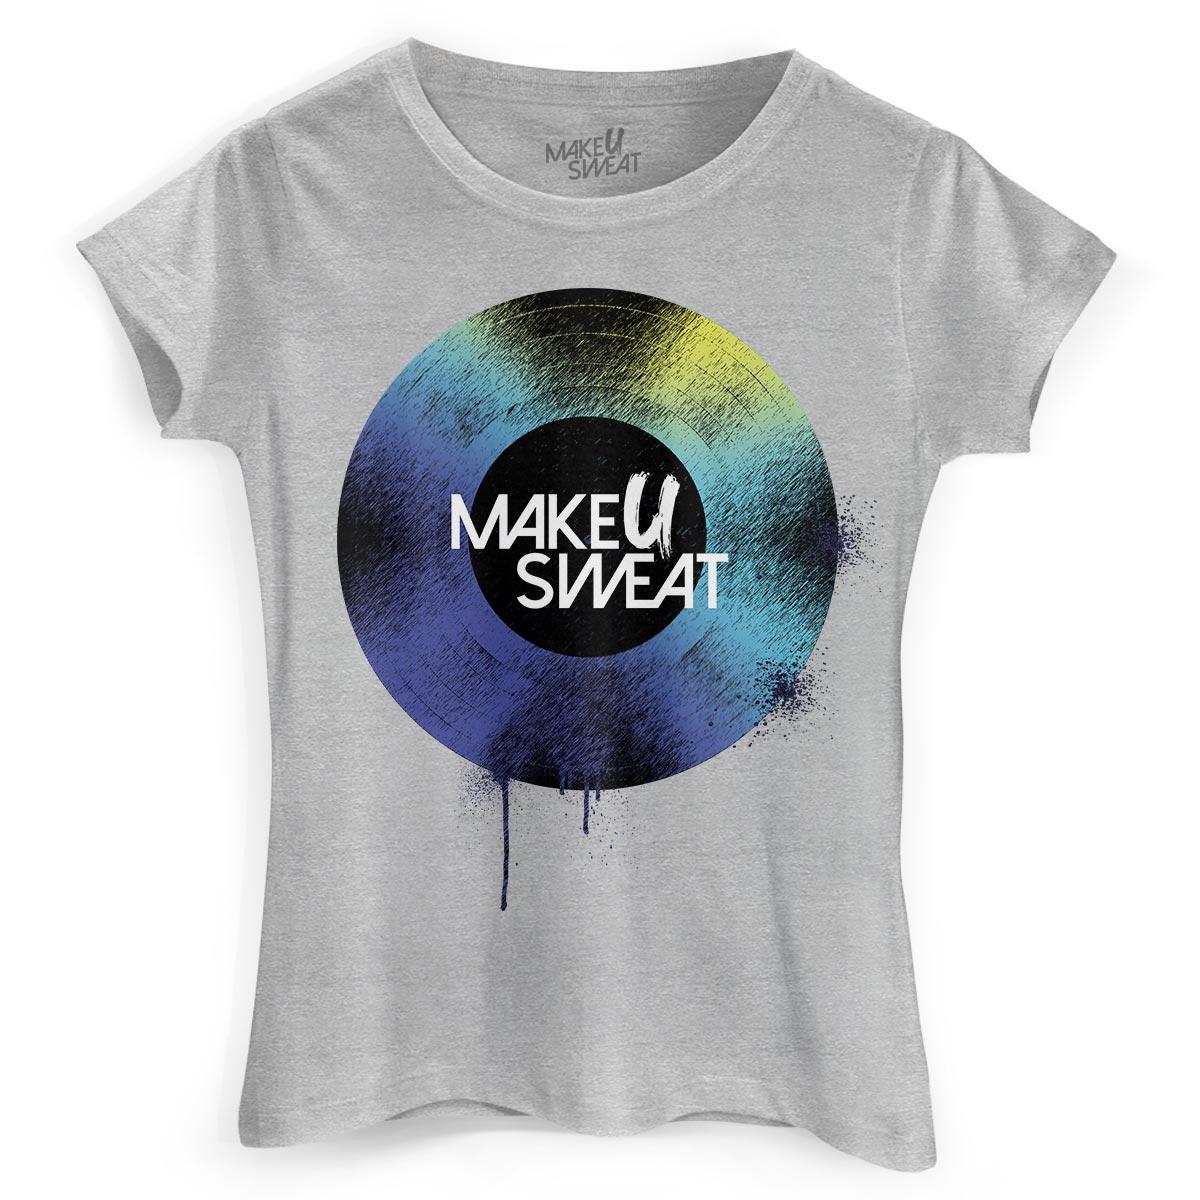 Camiseta Feminina Make U Sweat Disco